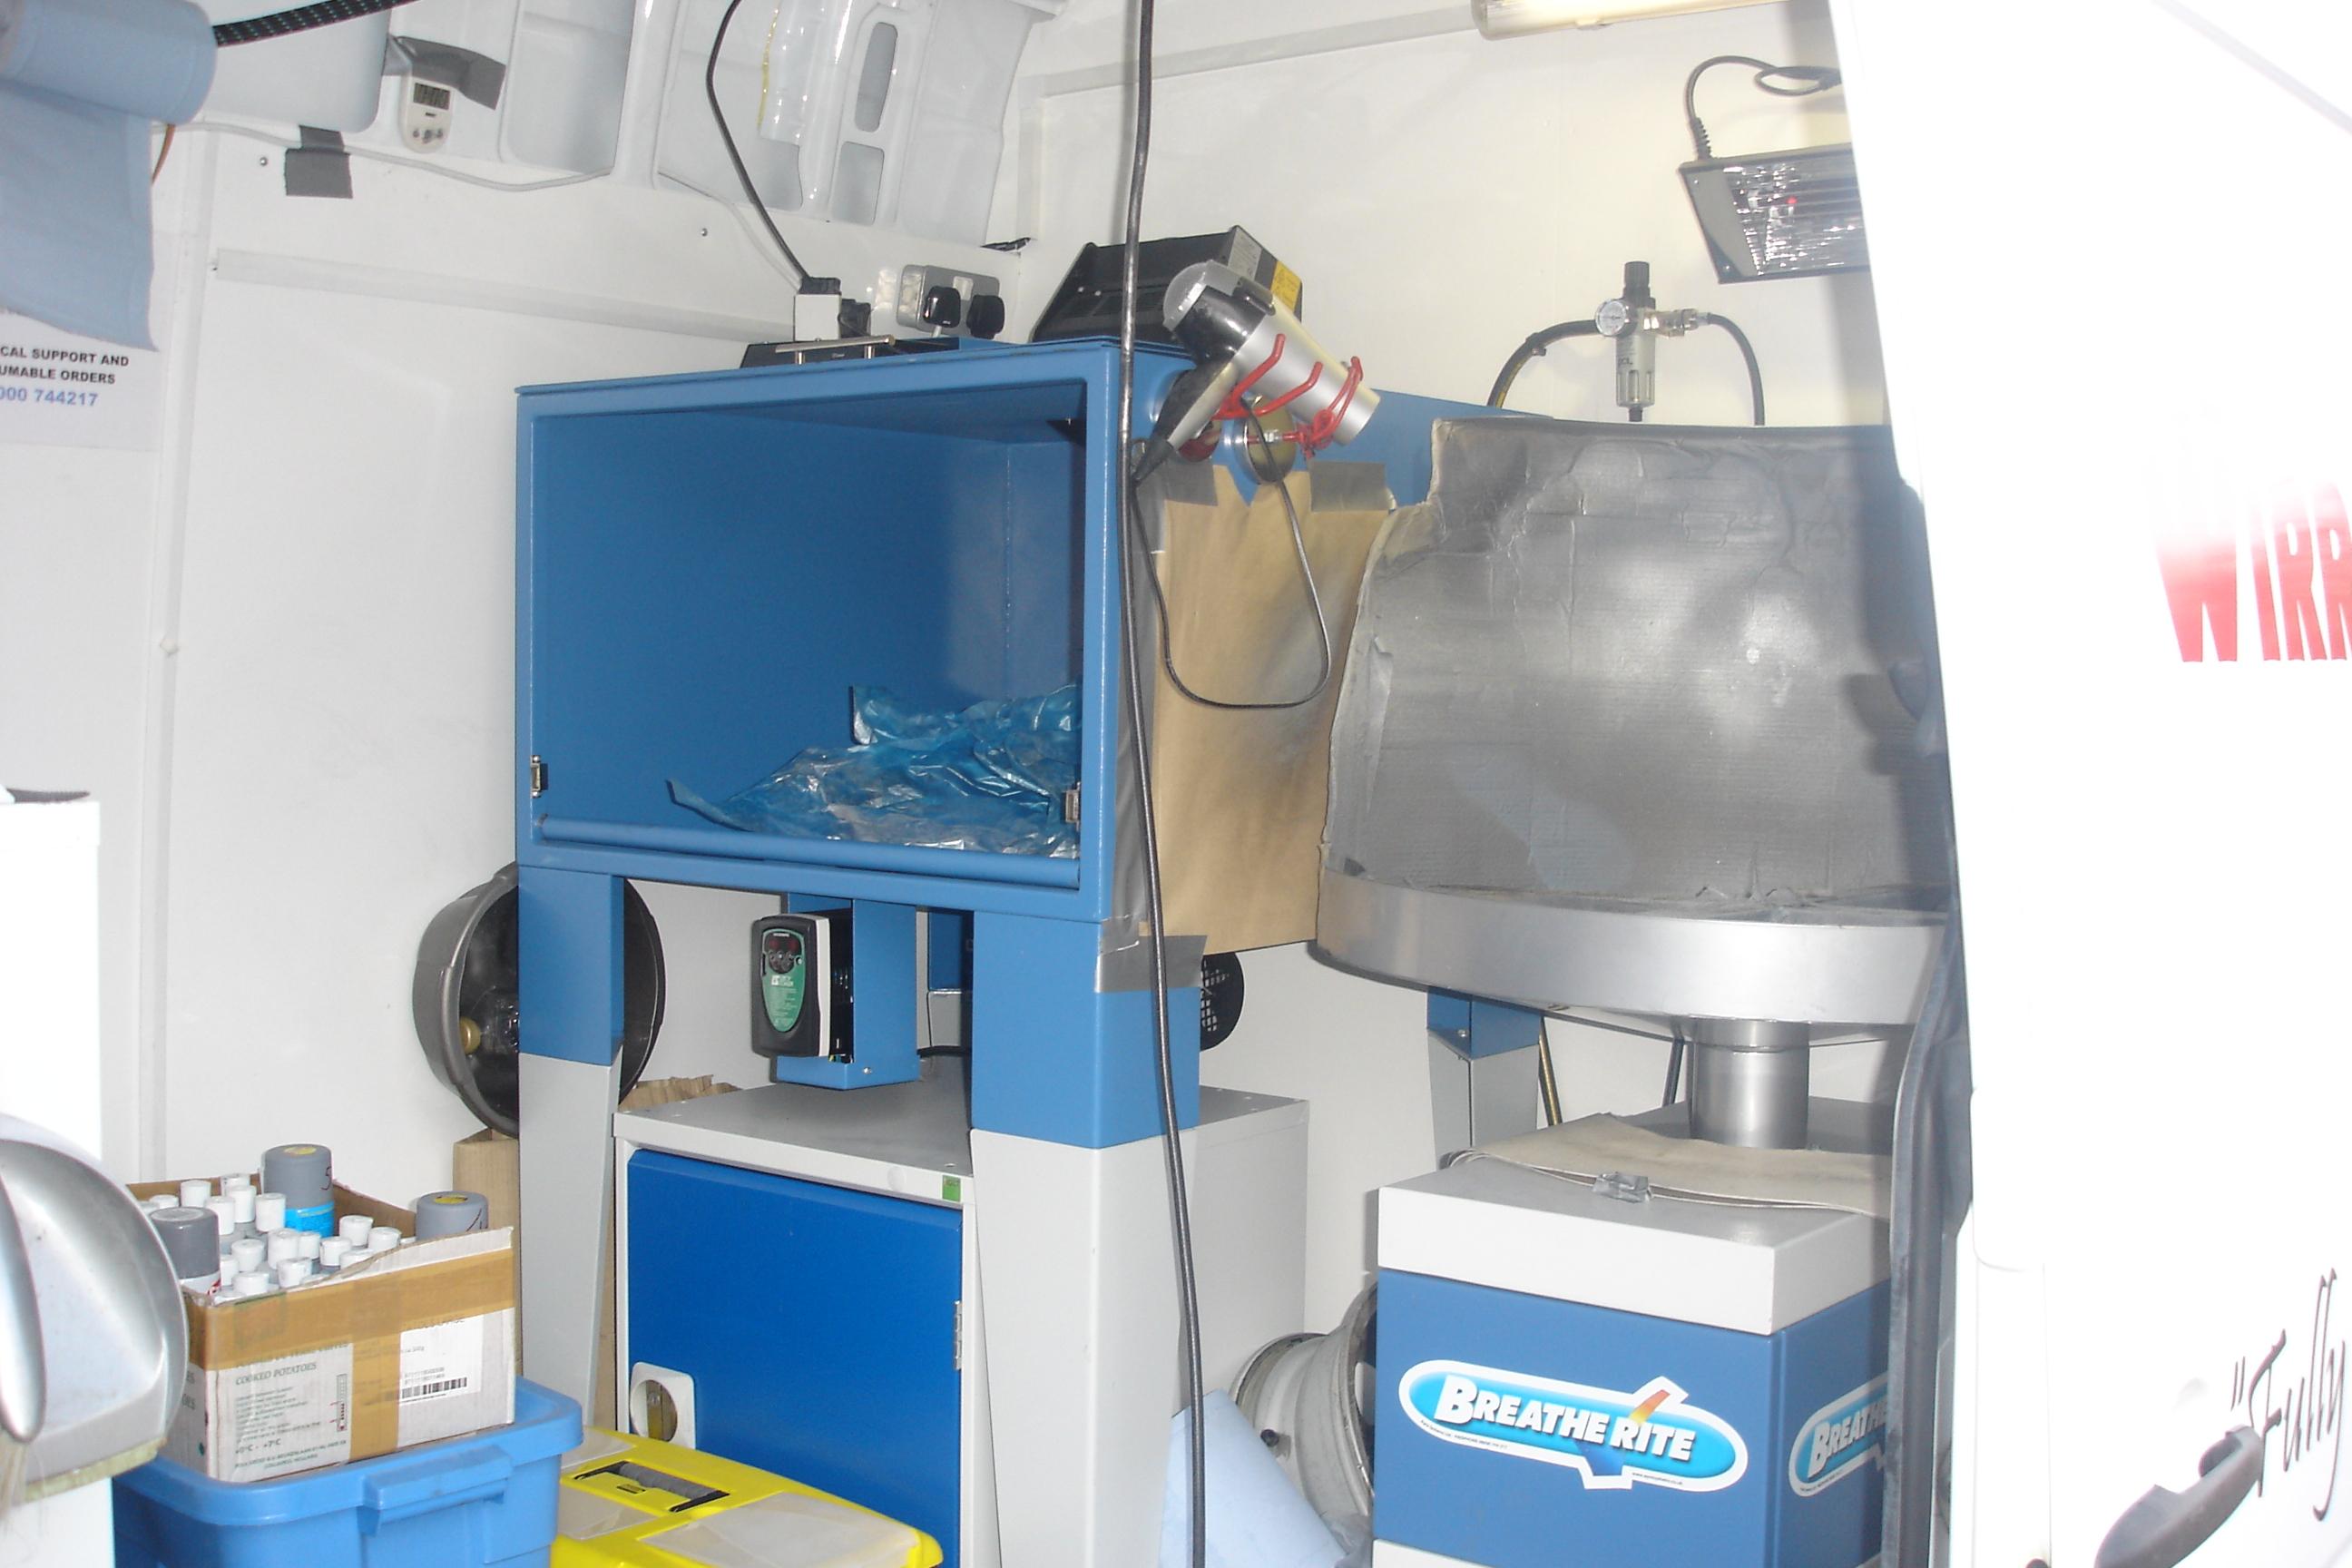 wheel-finnishing-area-uv-oven-spray-booth-area